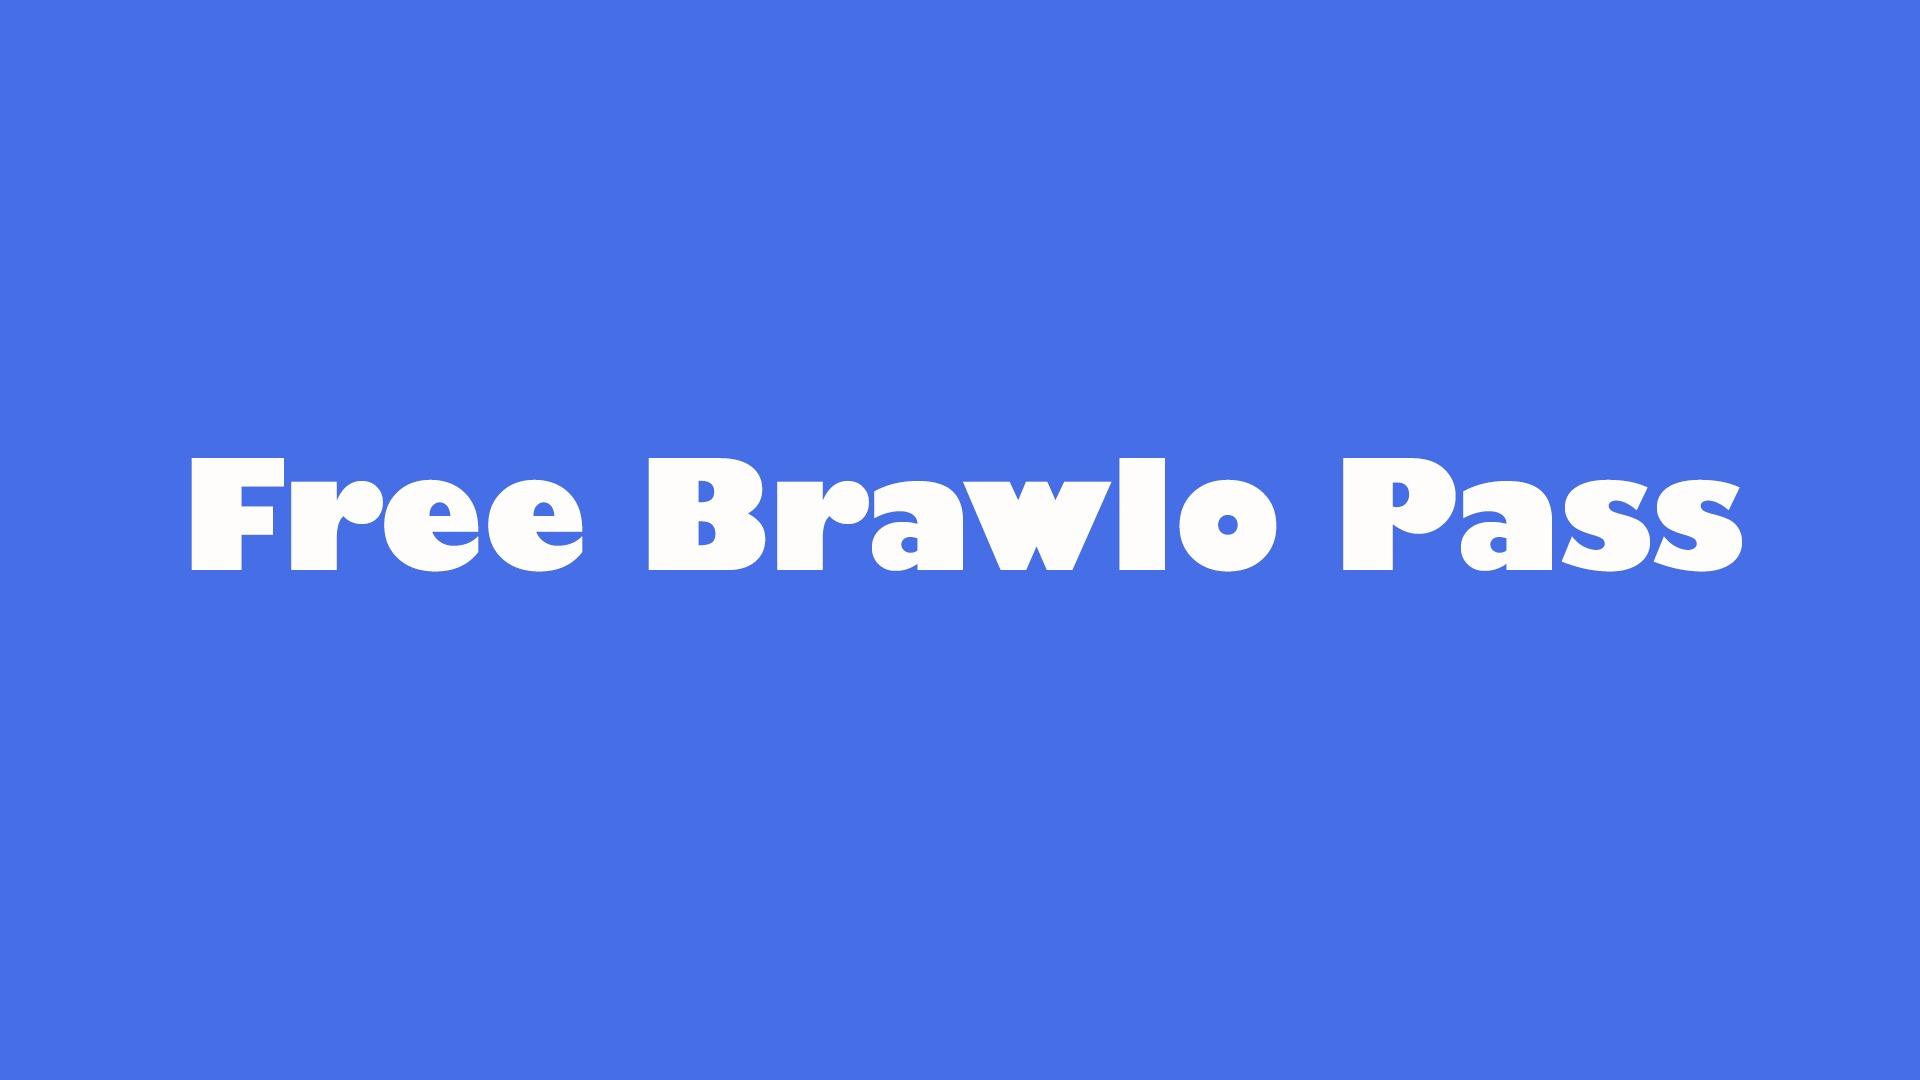 brawlo-pass